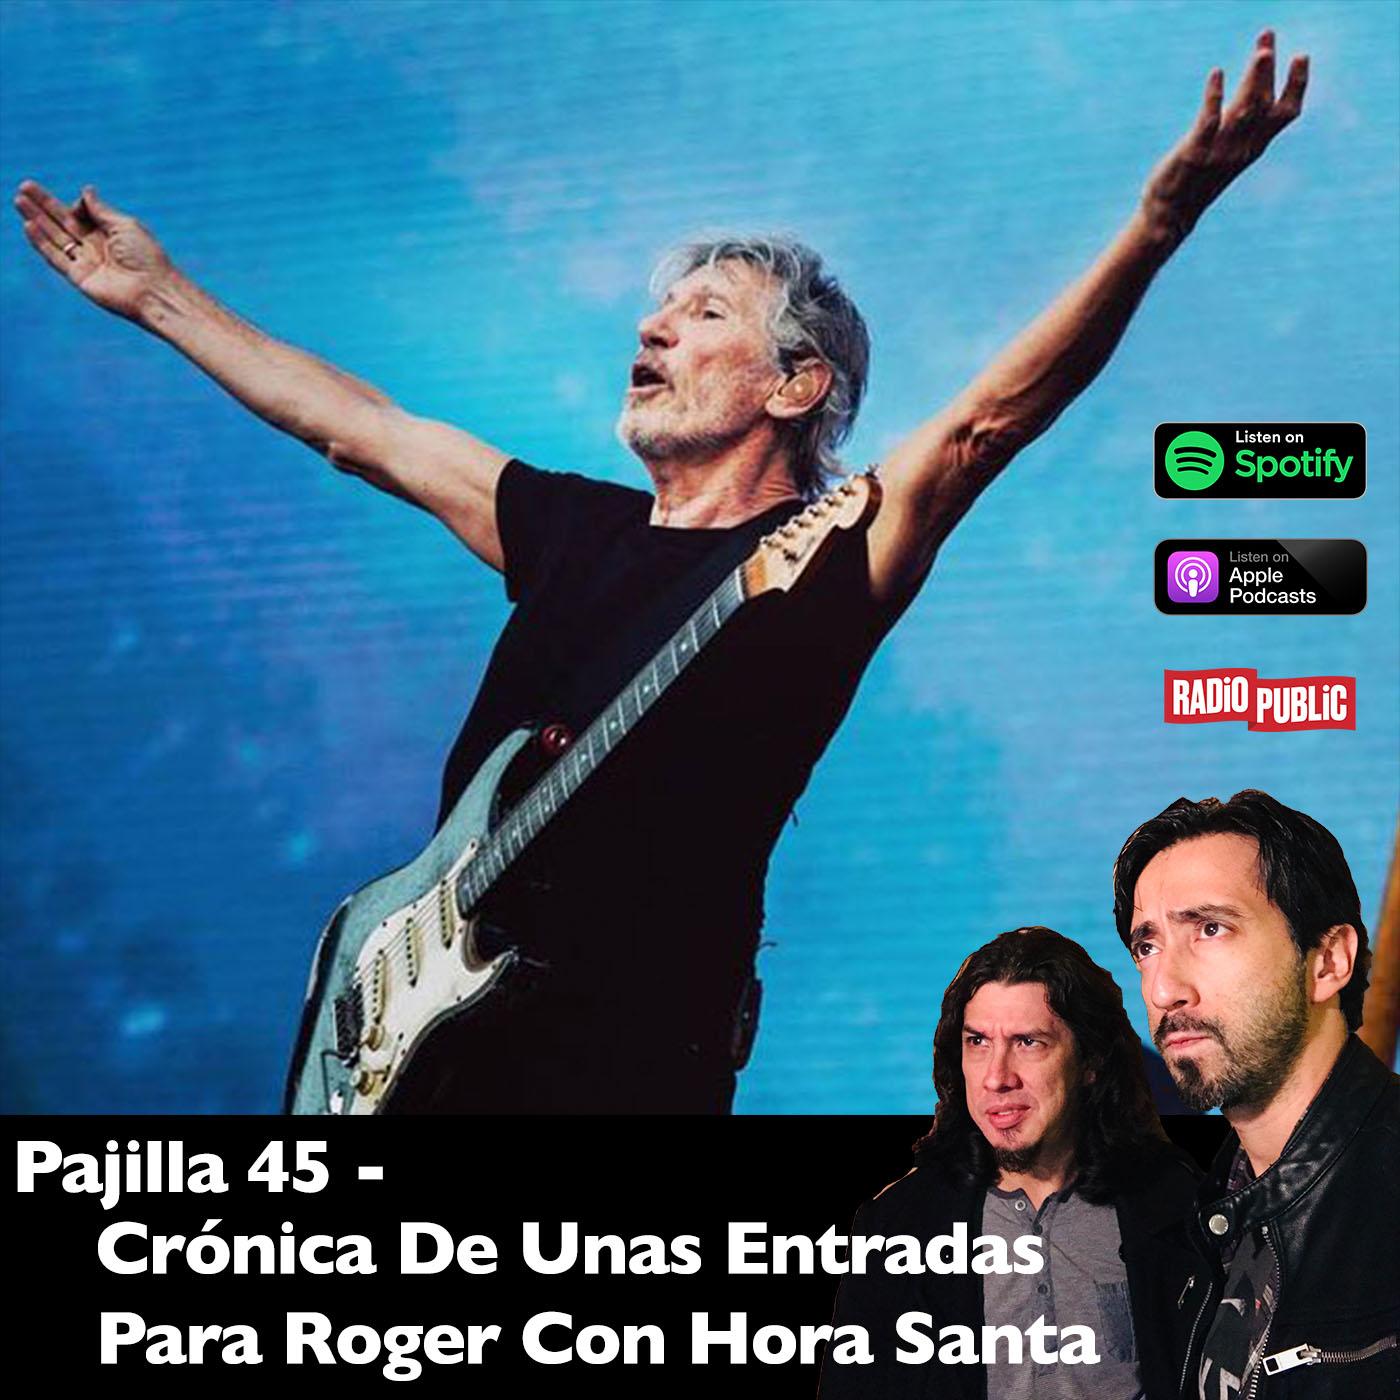 La Paja Nocturna Podcast CR Pajilla 45